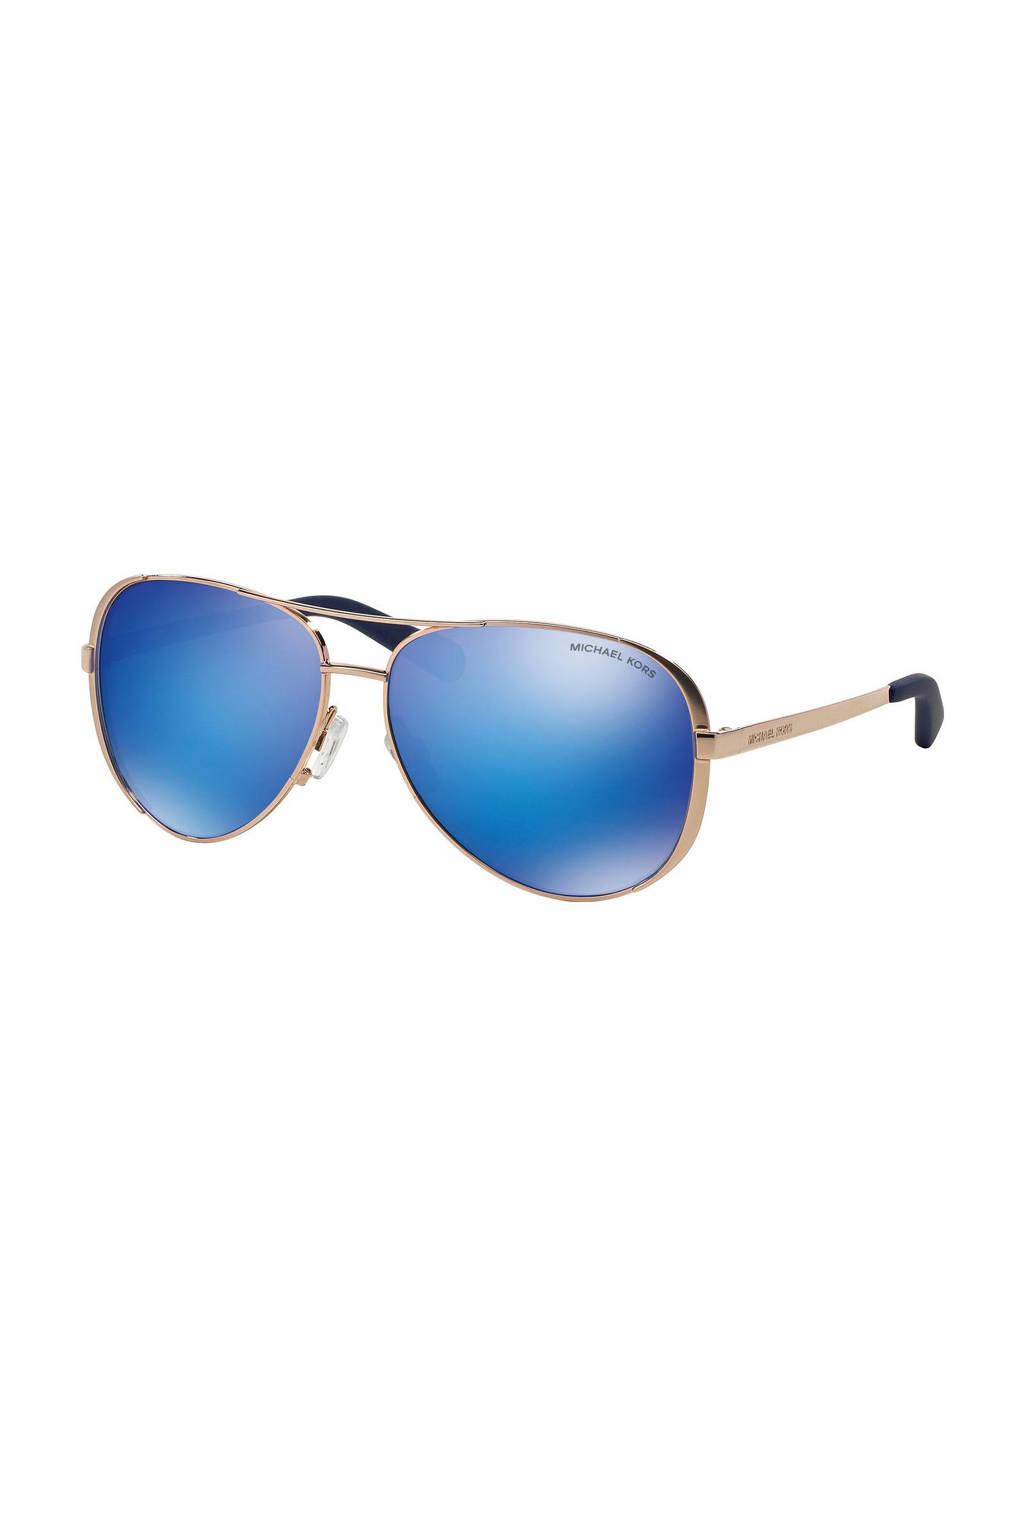 Michael Kors zonnebril 0MK5004